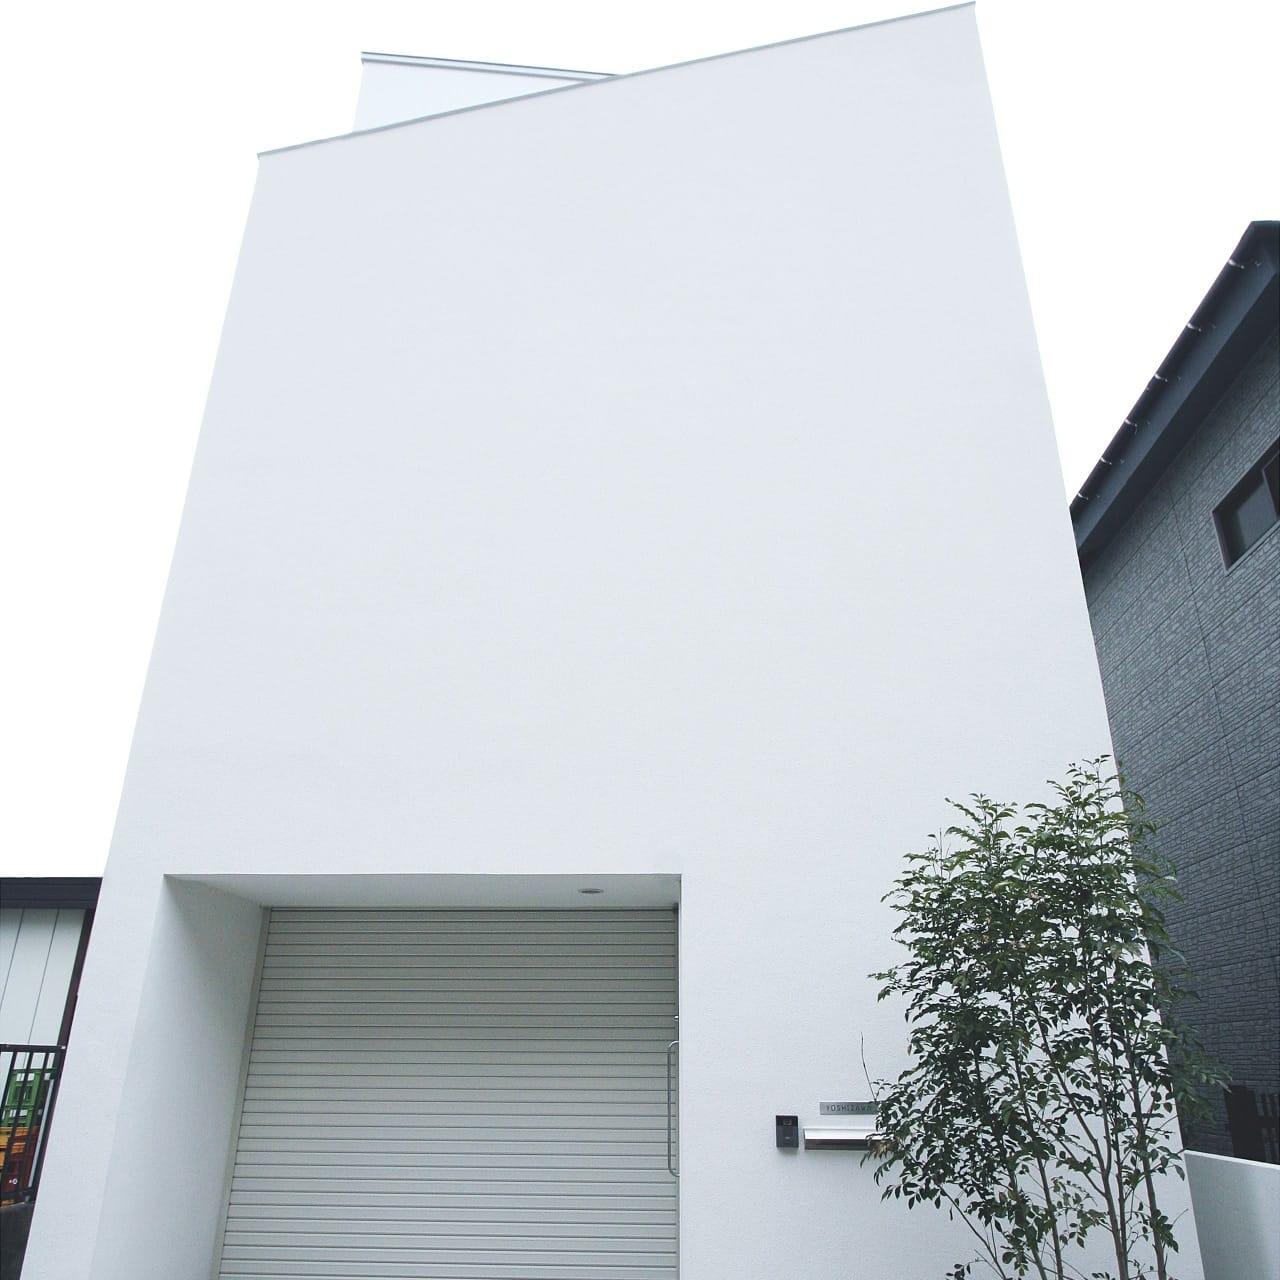 インナーテラスのある明るい住宅